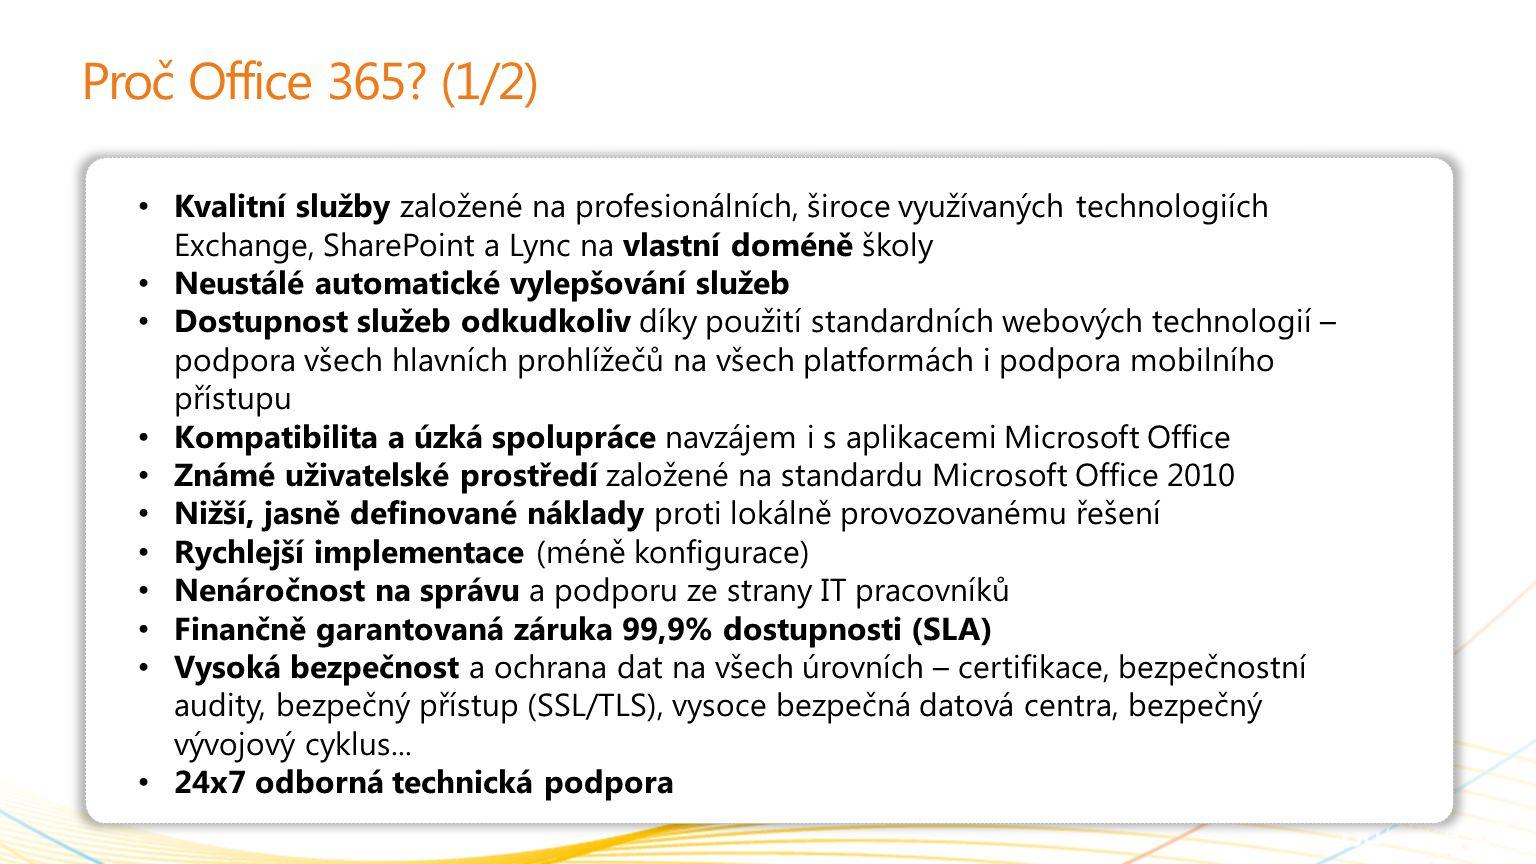 Proč Office 365 (1/2)